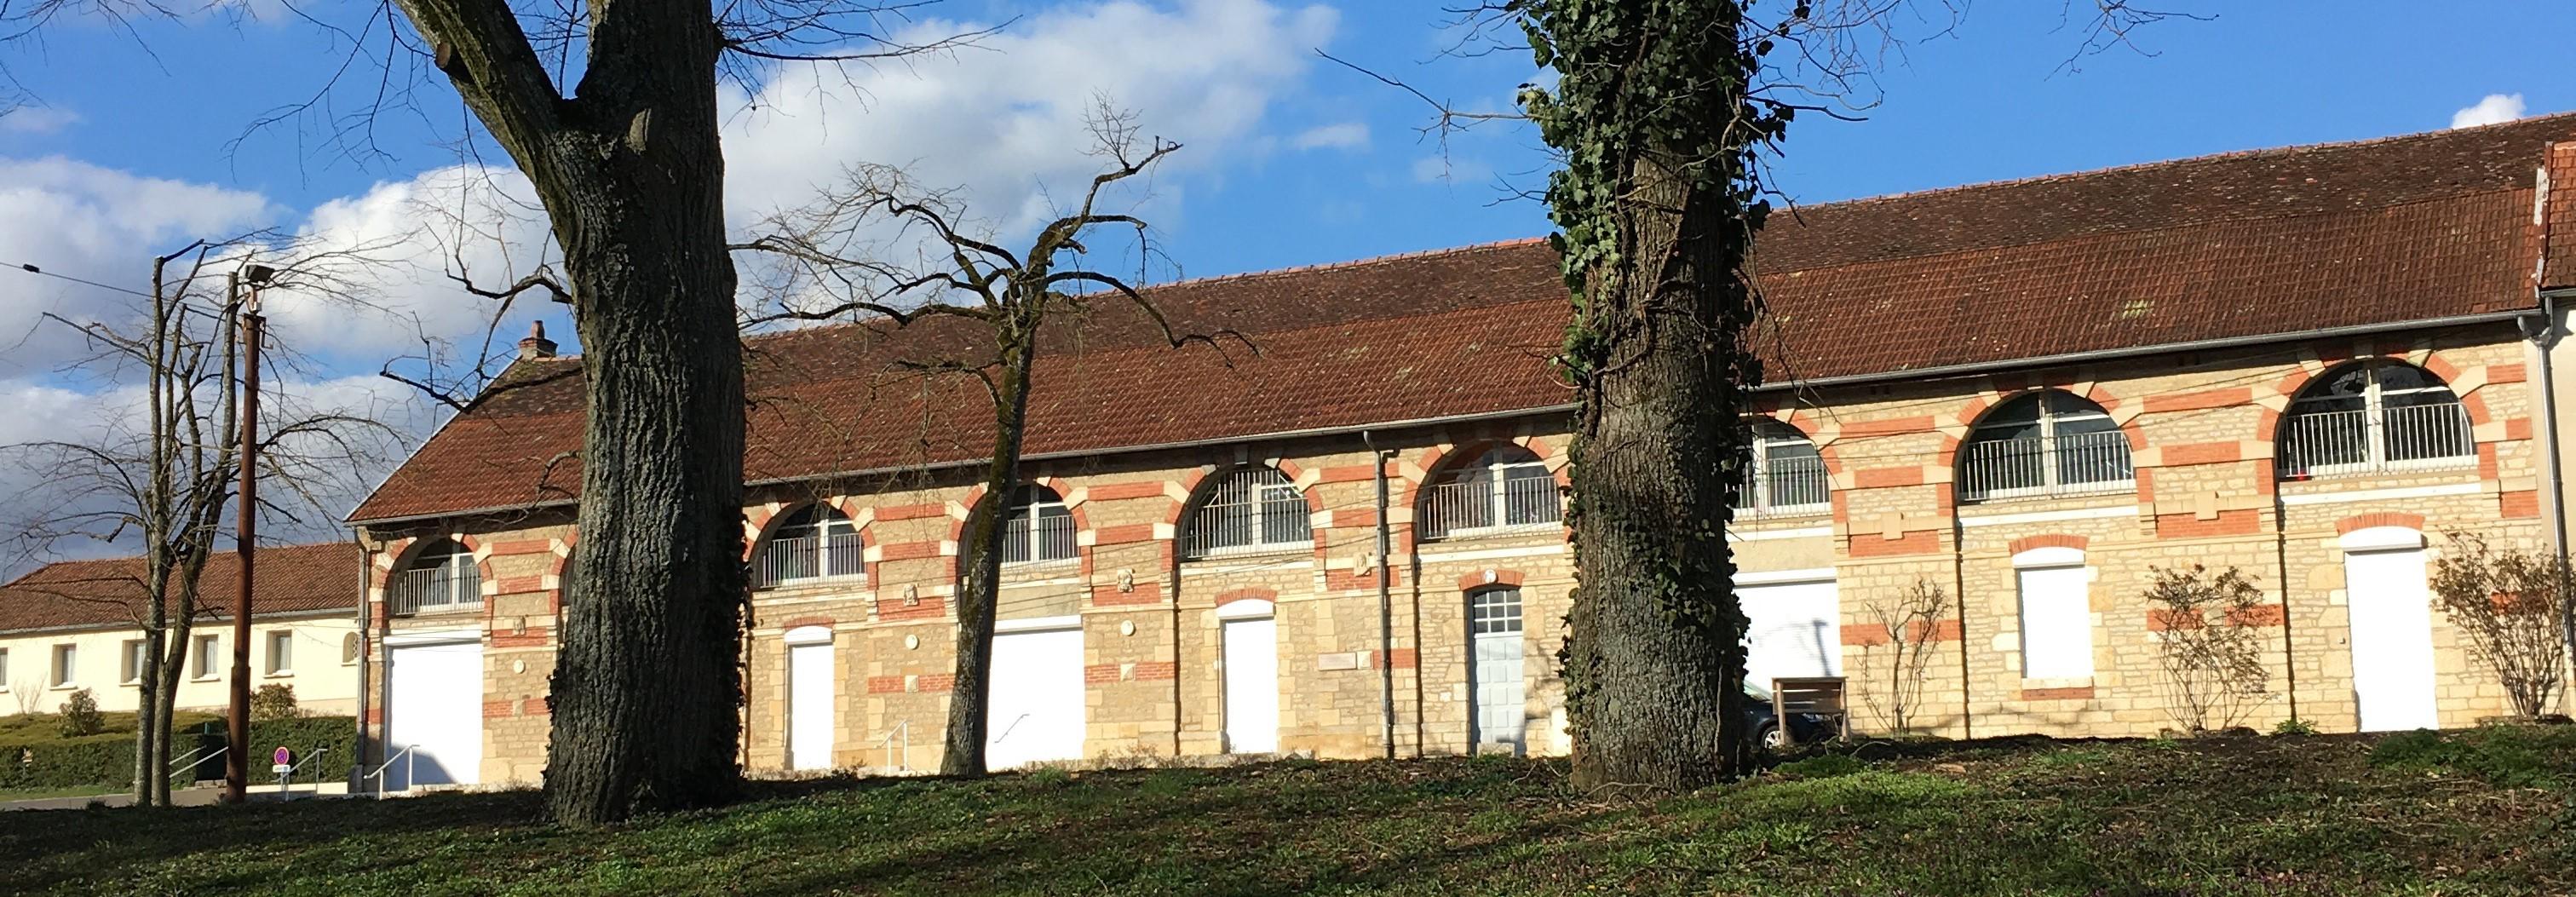 image_thumb_Ouverture d'un collège hors-contrat à Dijon en septembre 2019